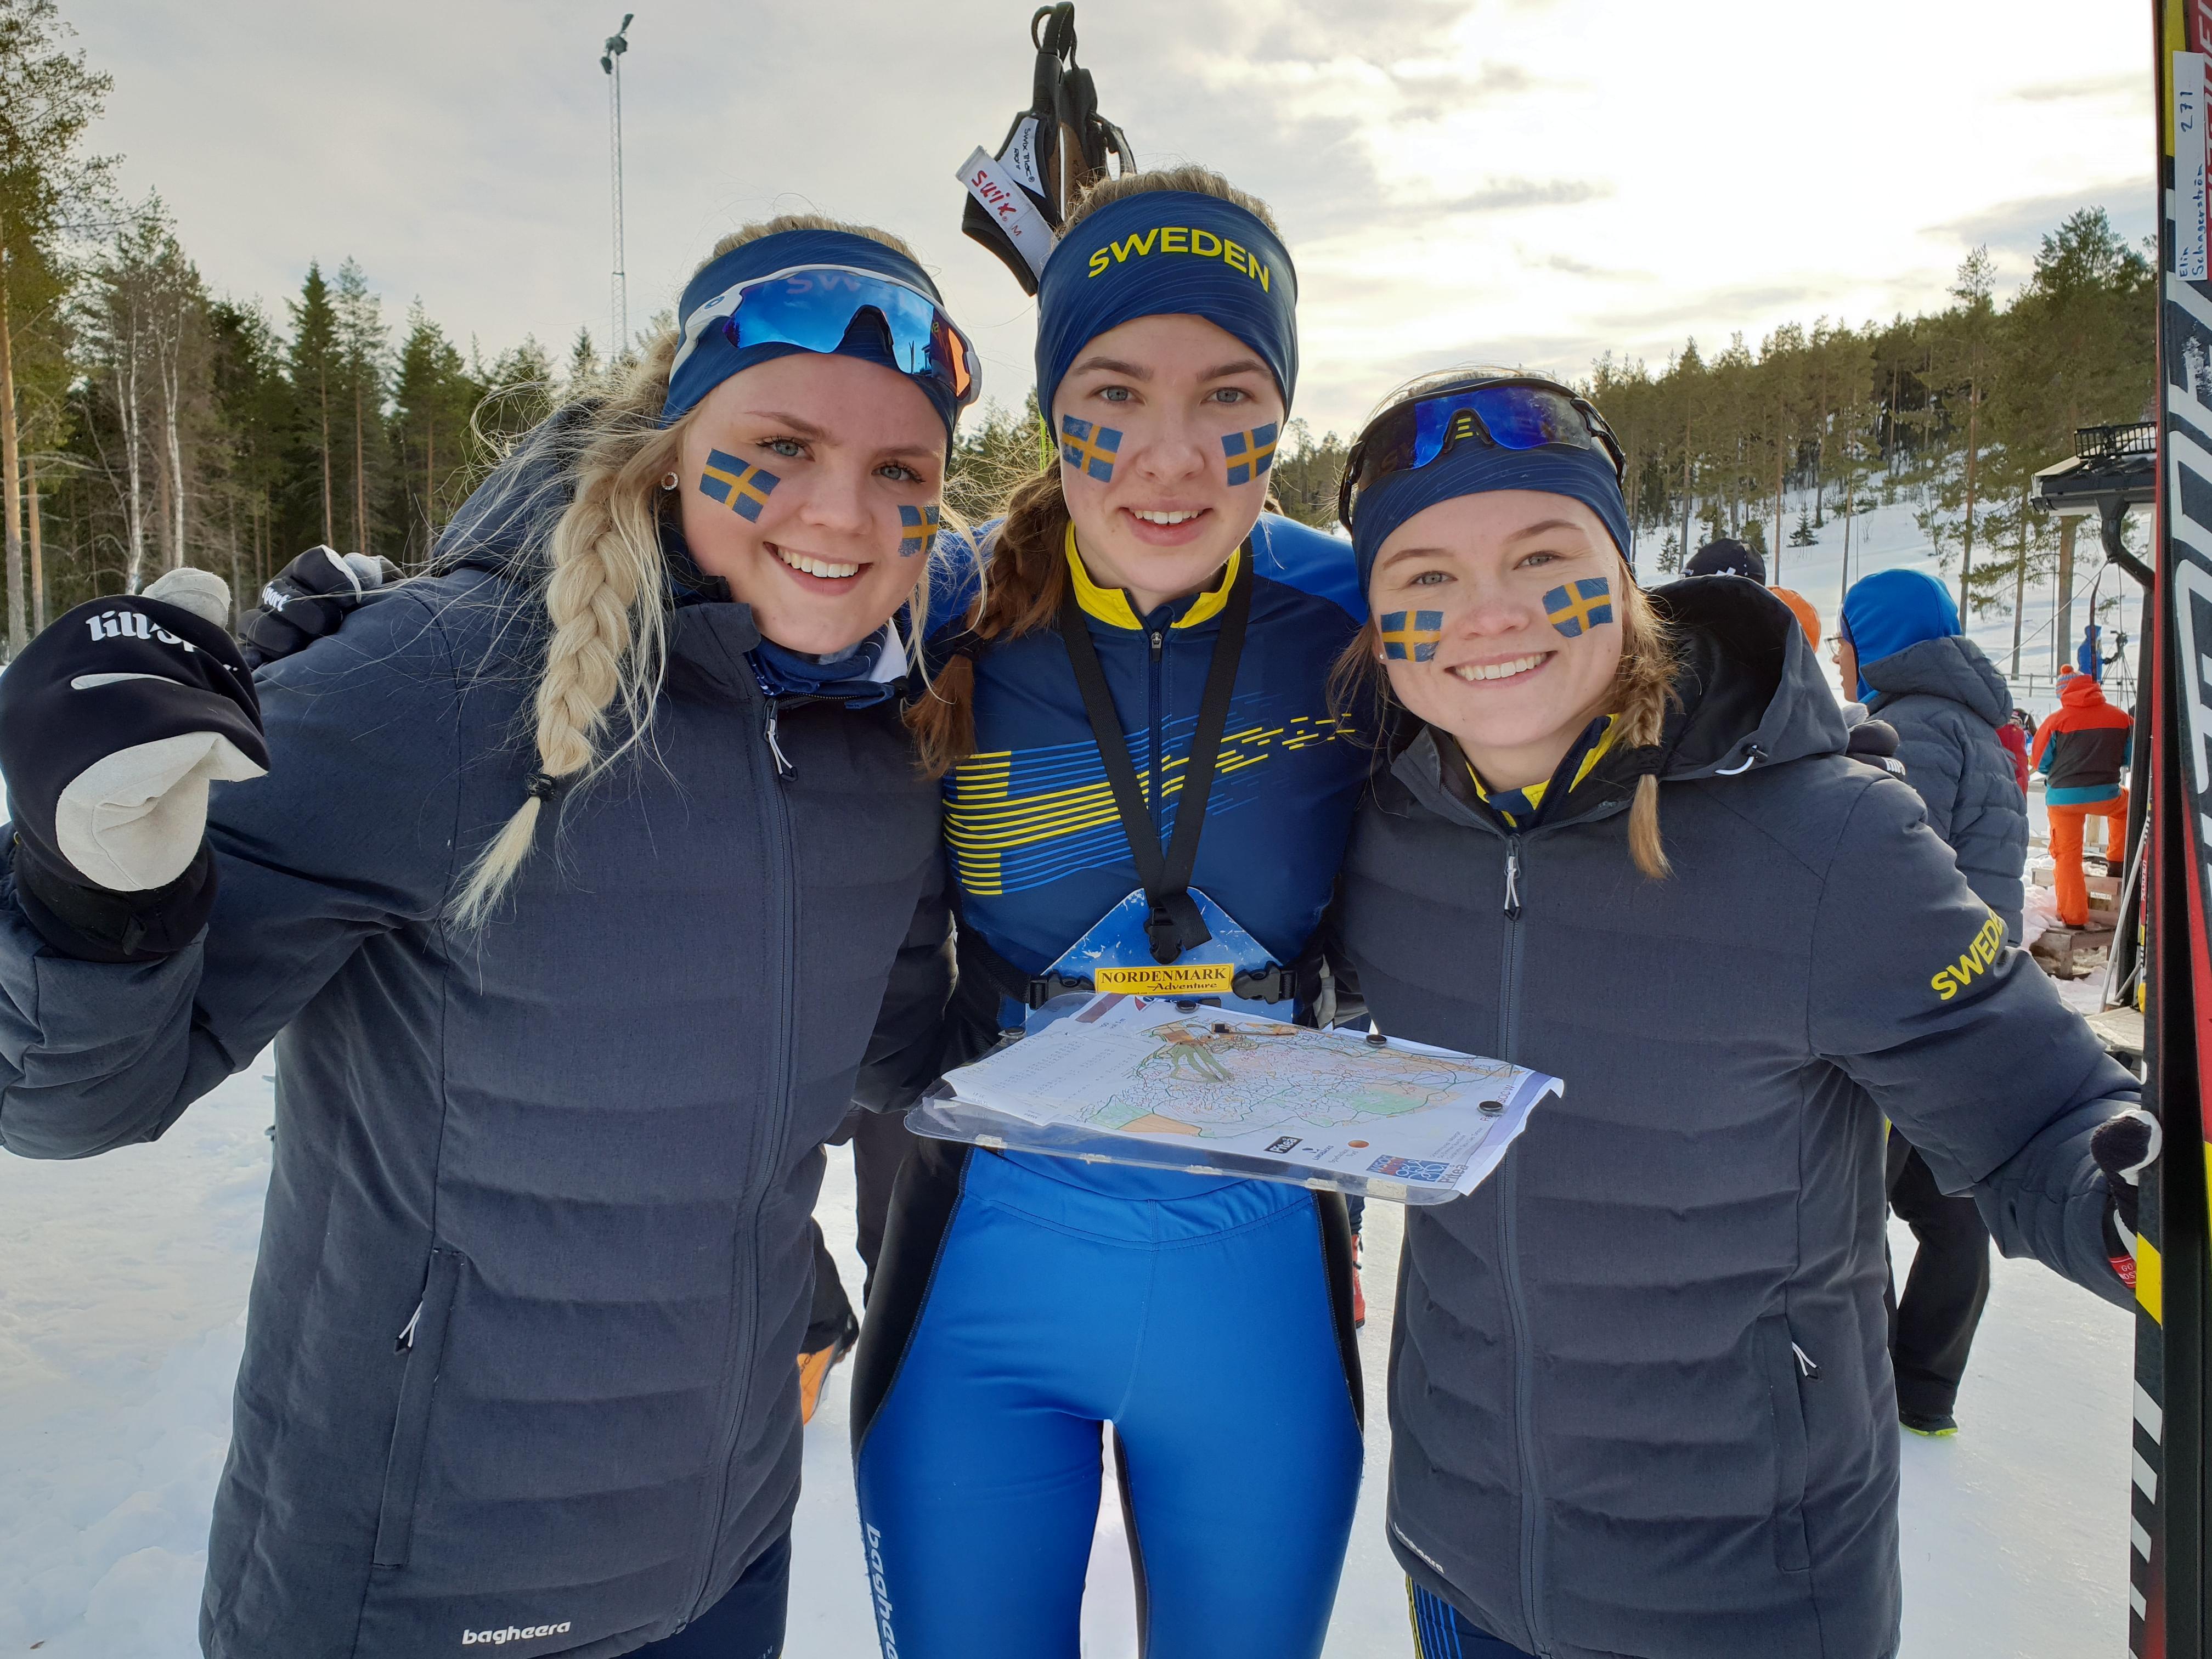 Elin Schagerström, som var ankare i svenska silverlaget i stafetten, flankerad av IFK Moras Sofia Berglund som körde andrasträckan och Sävasts Sofia Westin som startade den första. De båda andra åkarna blir överåriga till nästa säsong, men Schagerström är junior även då och får en tredje chans på junior-VM. Foto: Margaretha Pepa